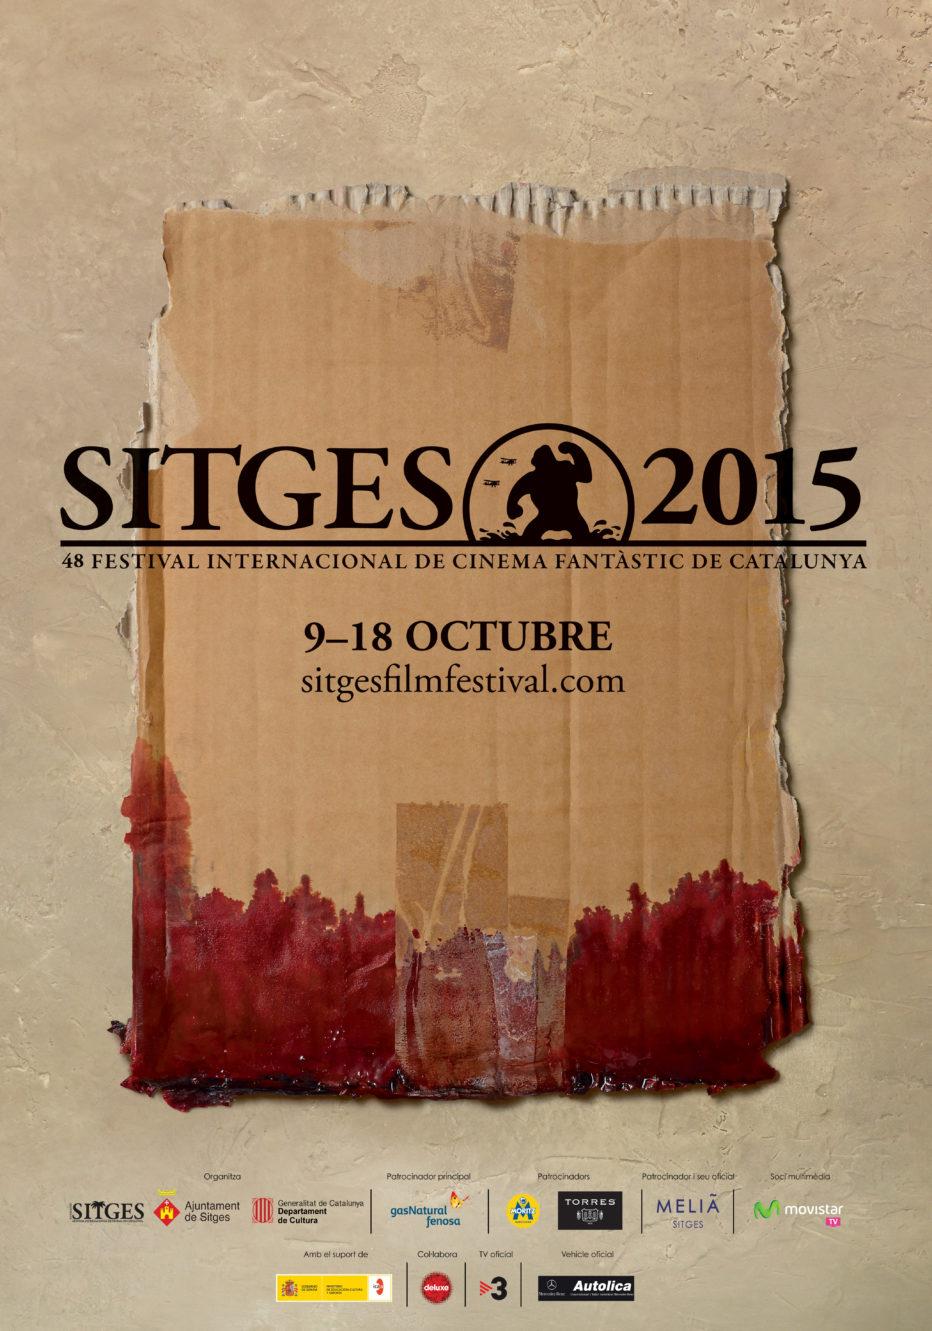 Las grandes estrellas internacionales y el talento autóctono se dan cita en Sitges 2015